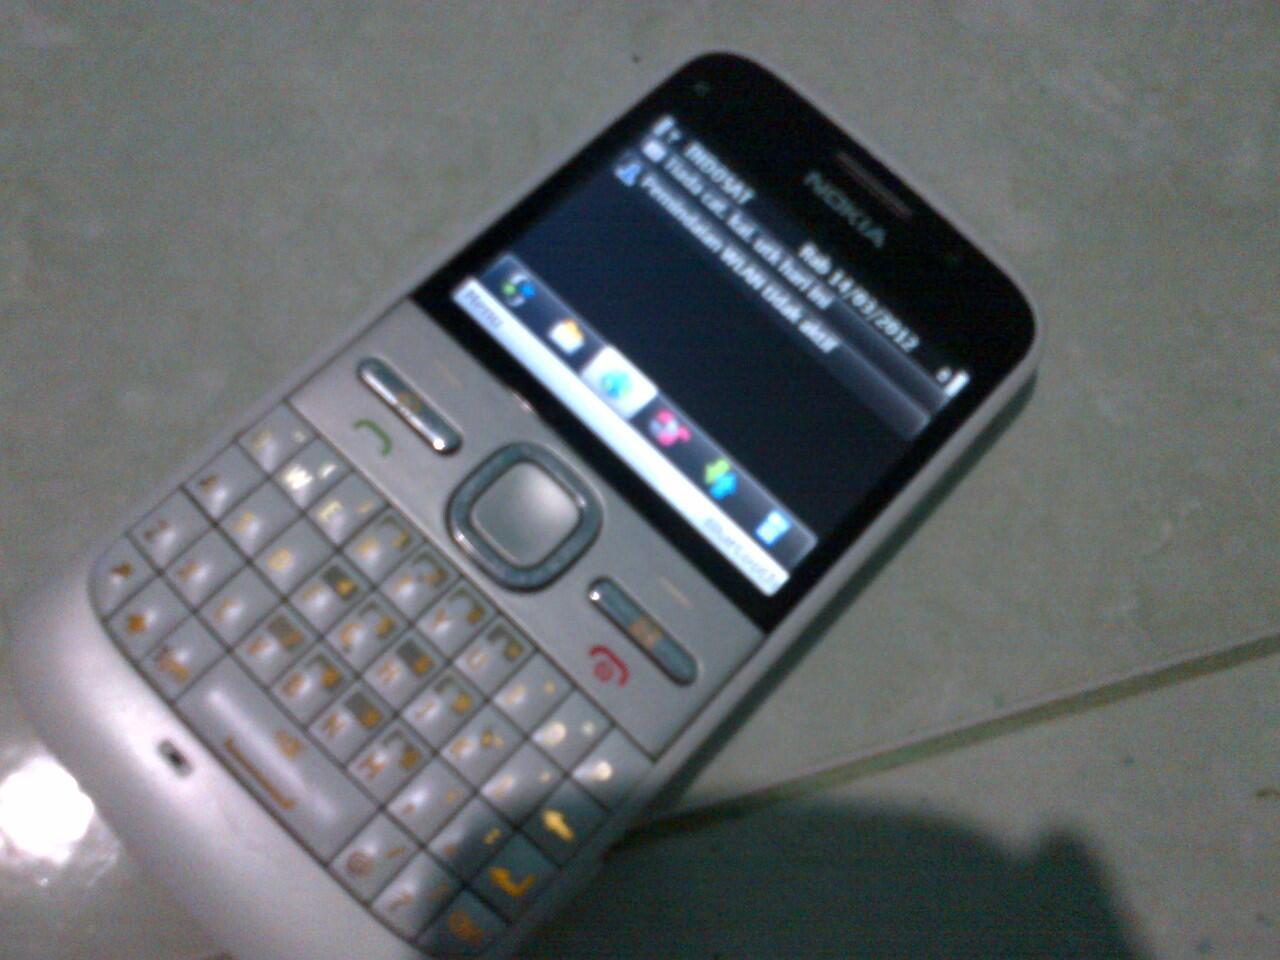 Nokia E5 mulus Mantep. oke BANGET gan.